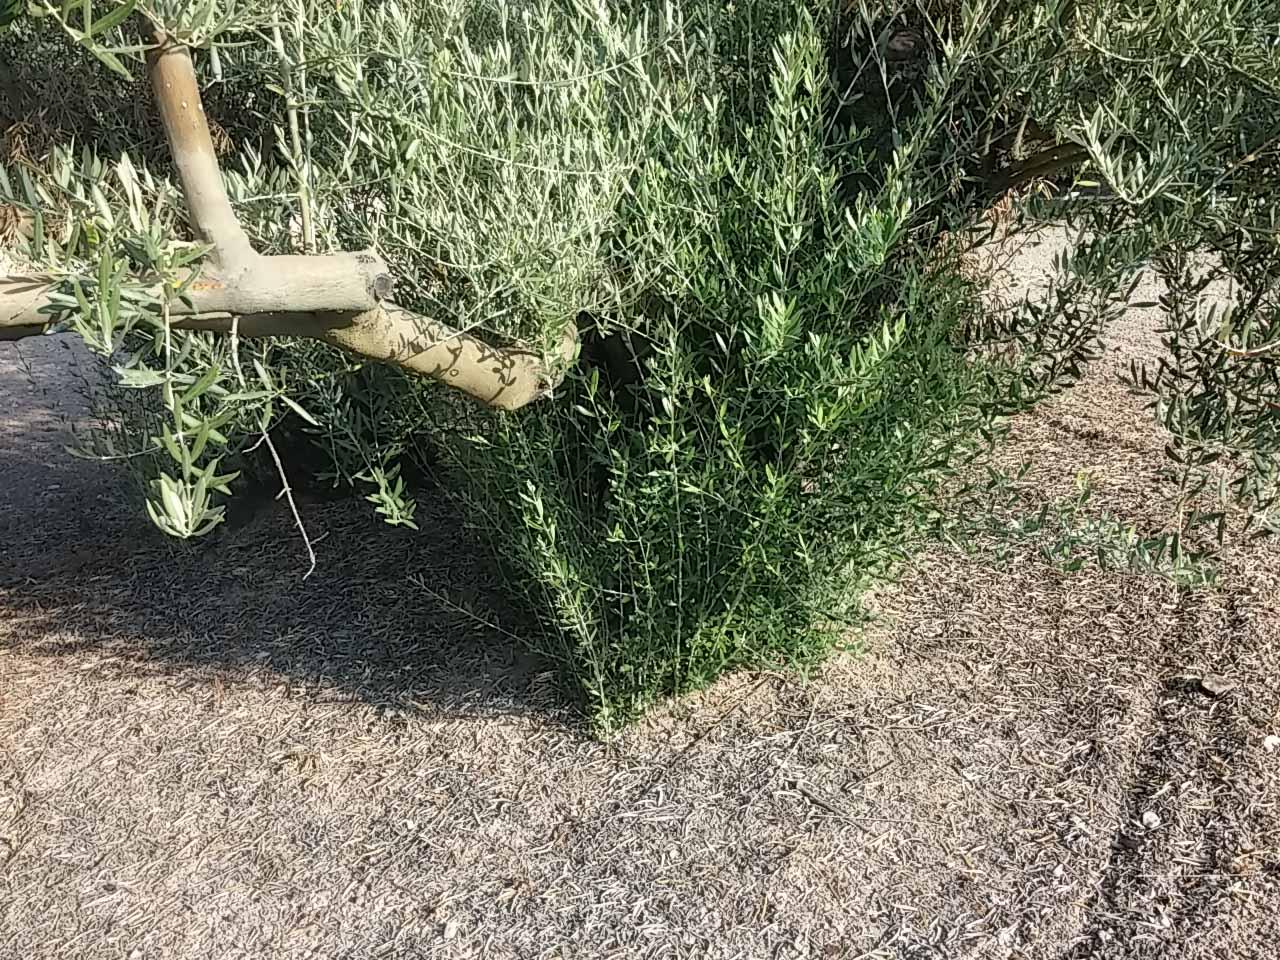 Qué es el desvaretado del olivo 2